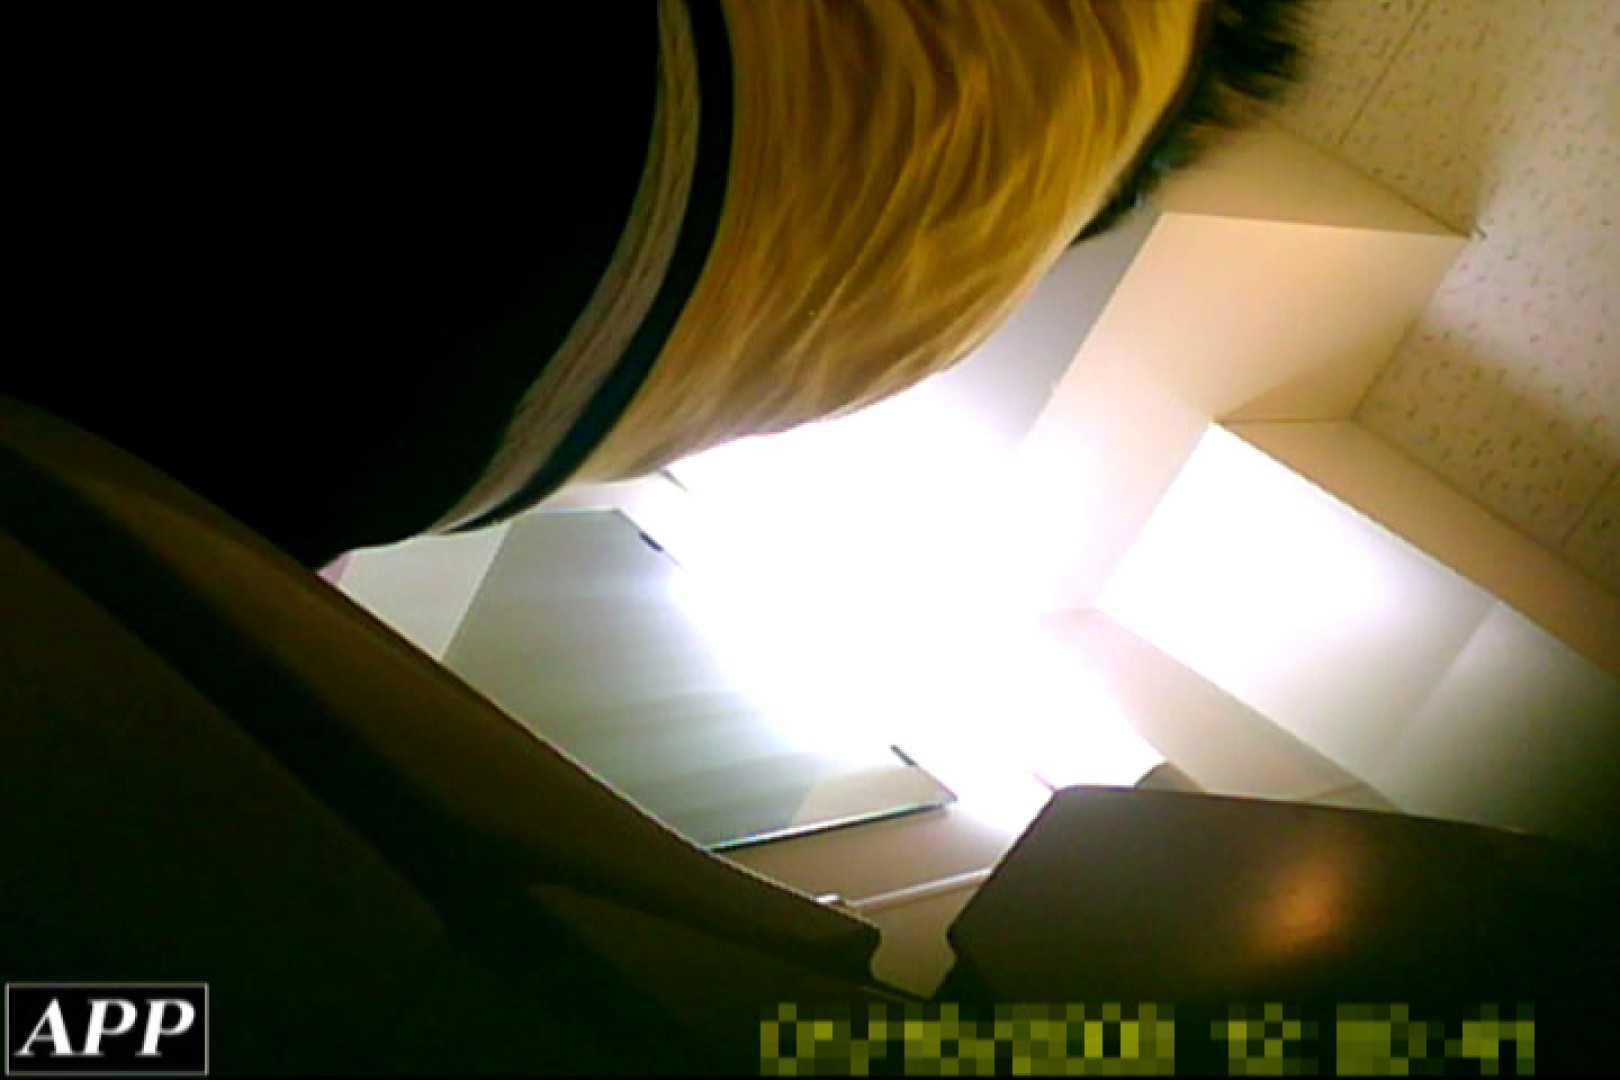 3視点洗面所 vol.128 洗面所はめどり  74画像 42